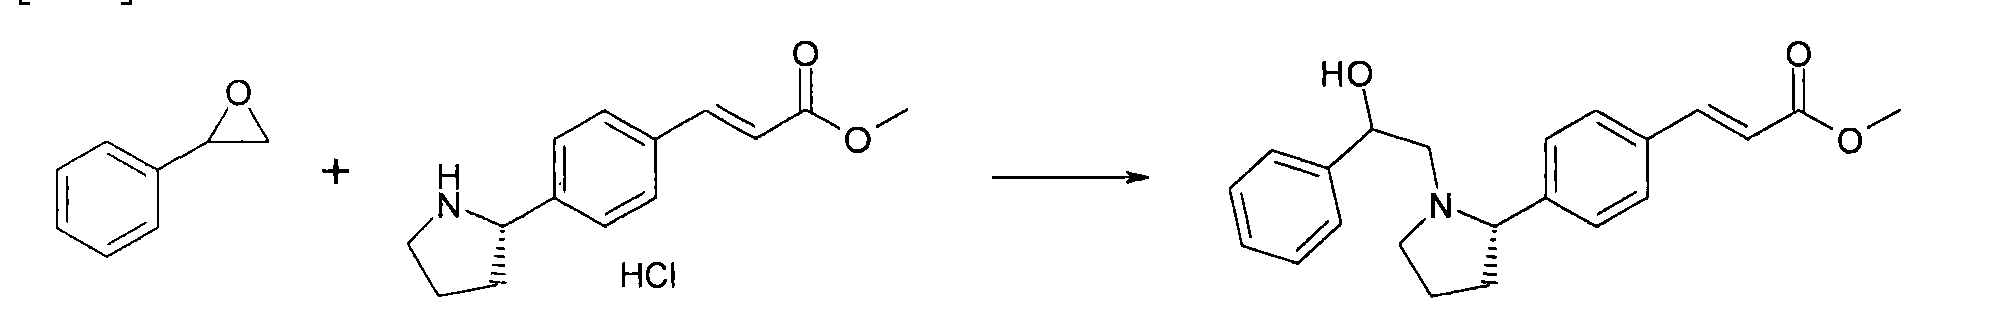 Figure CN102036955BD00572